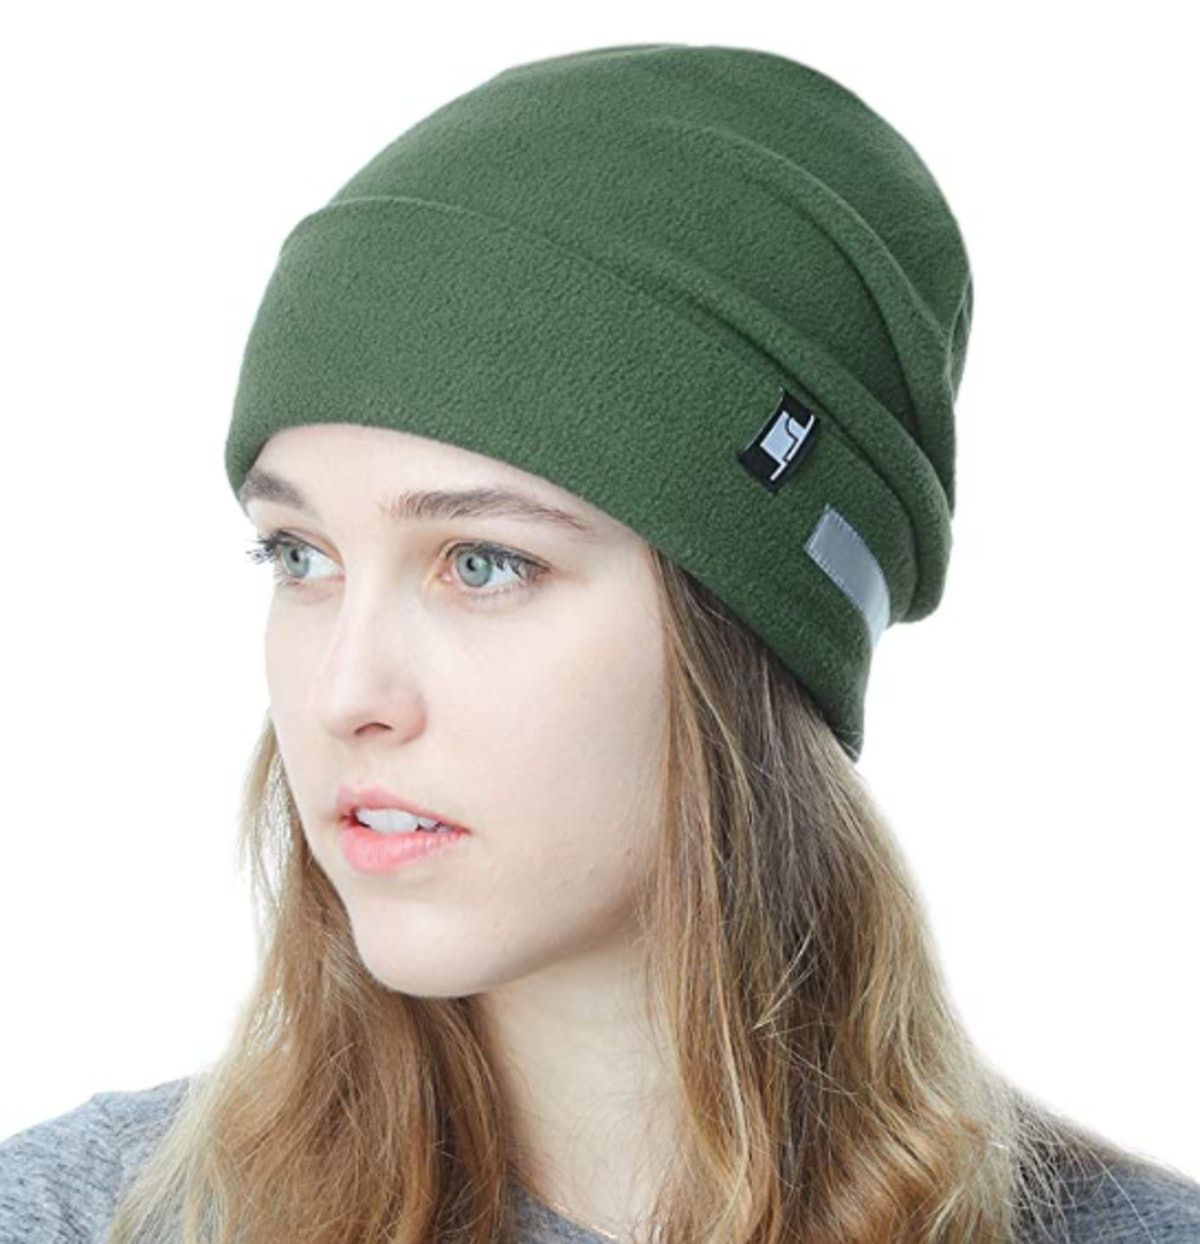 The Hat Depot Fleece Reflective Beanie